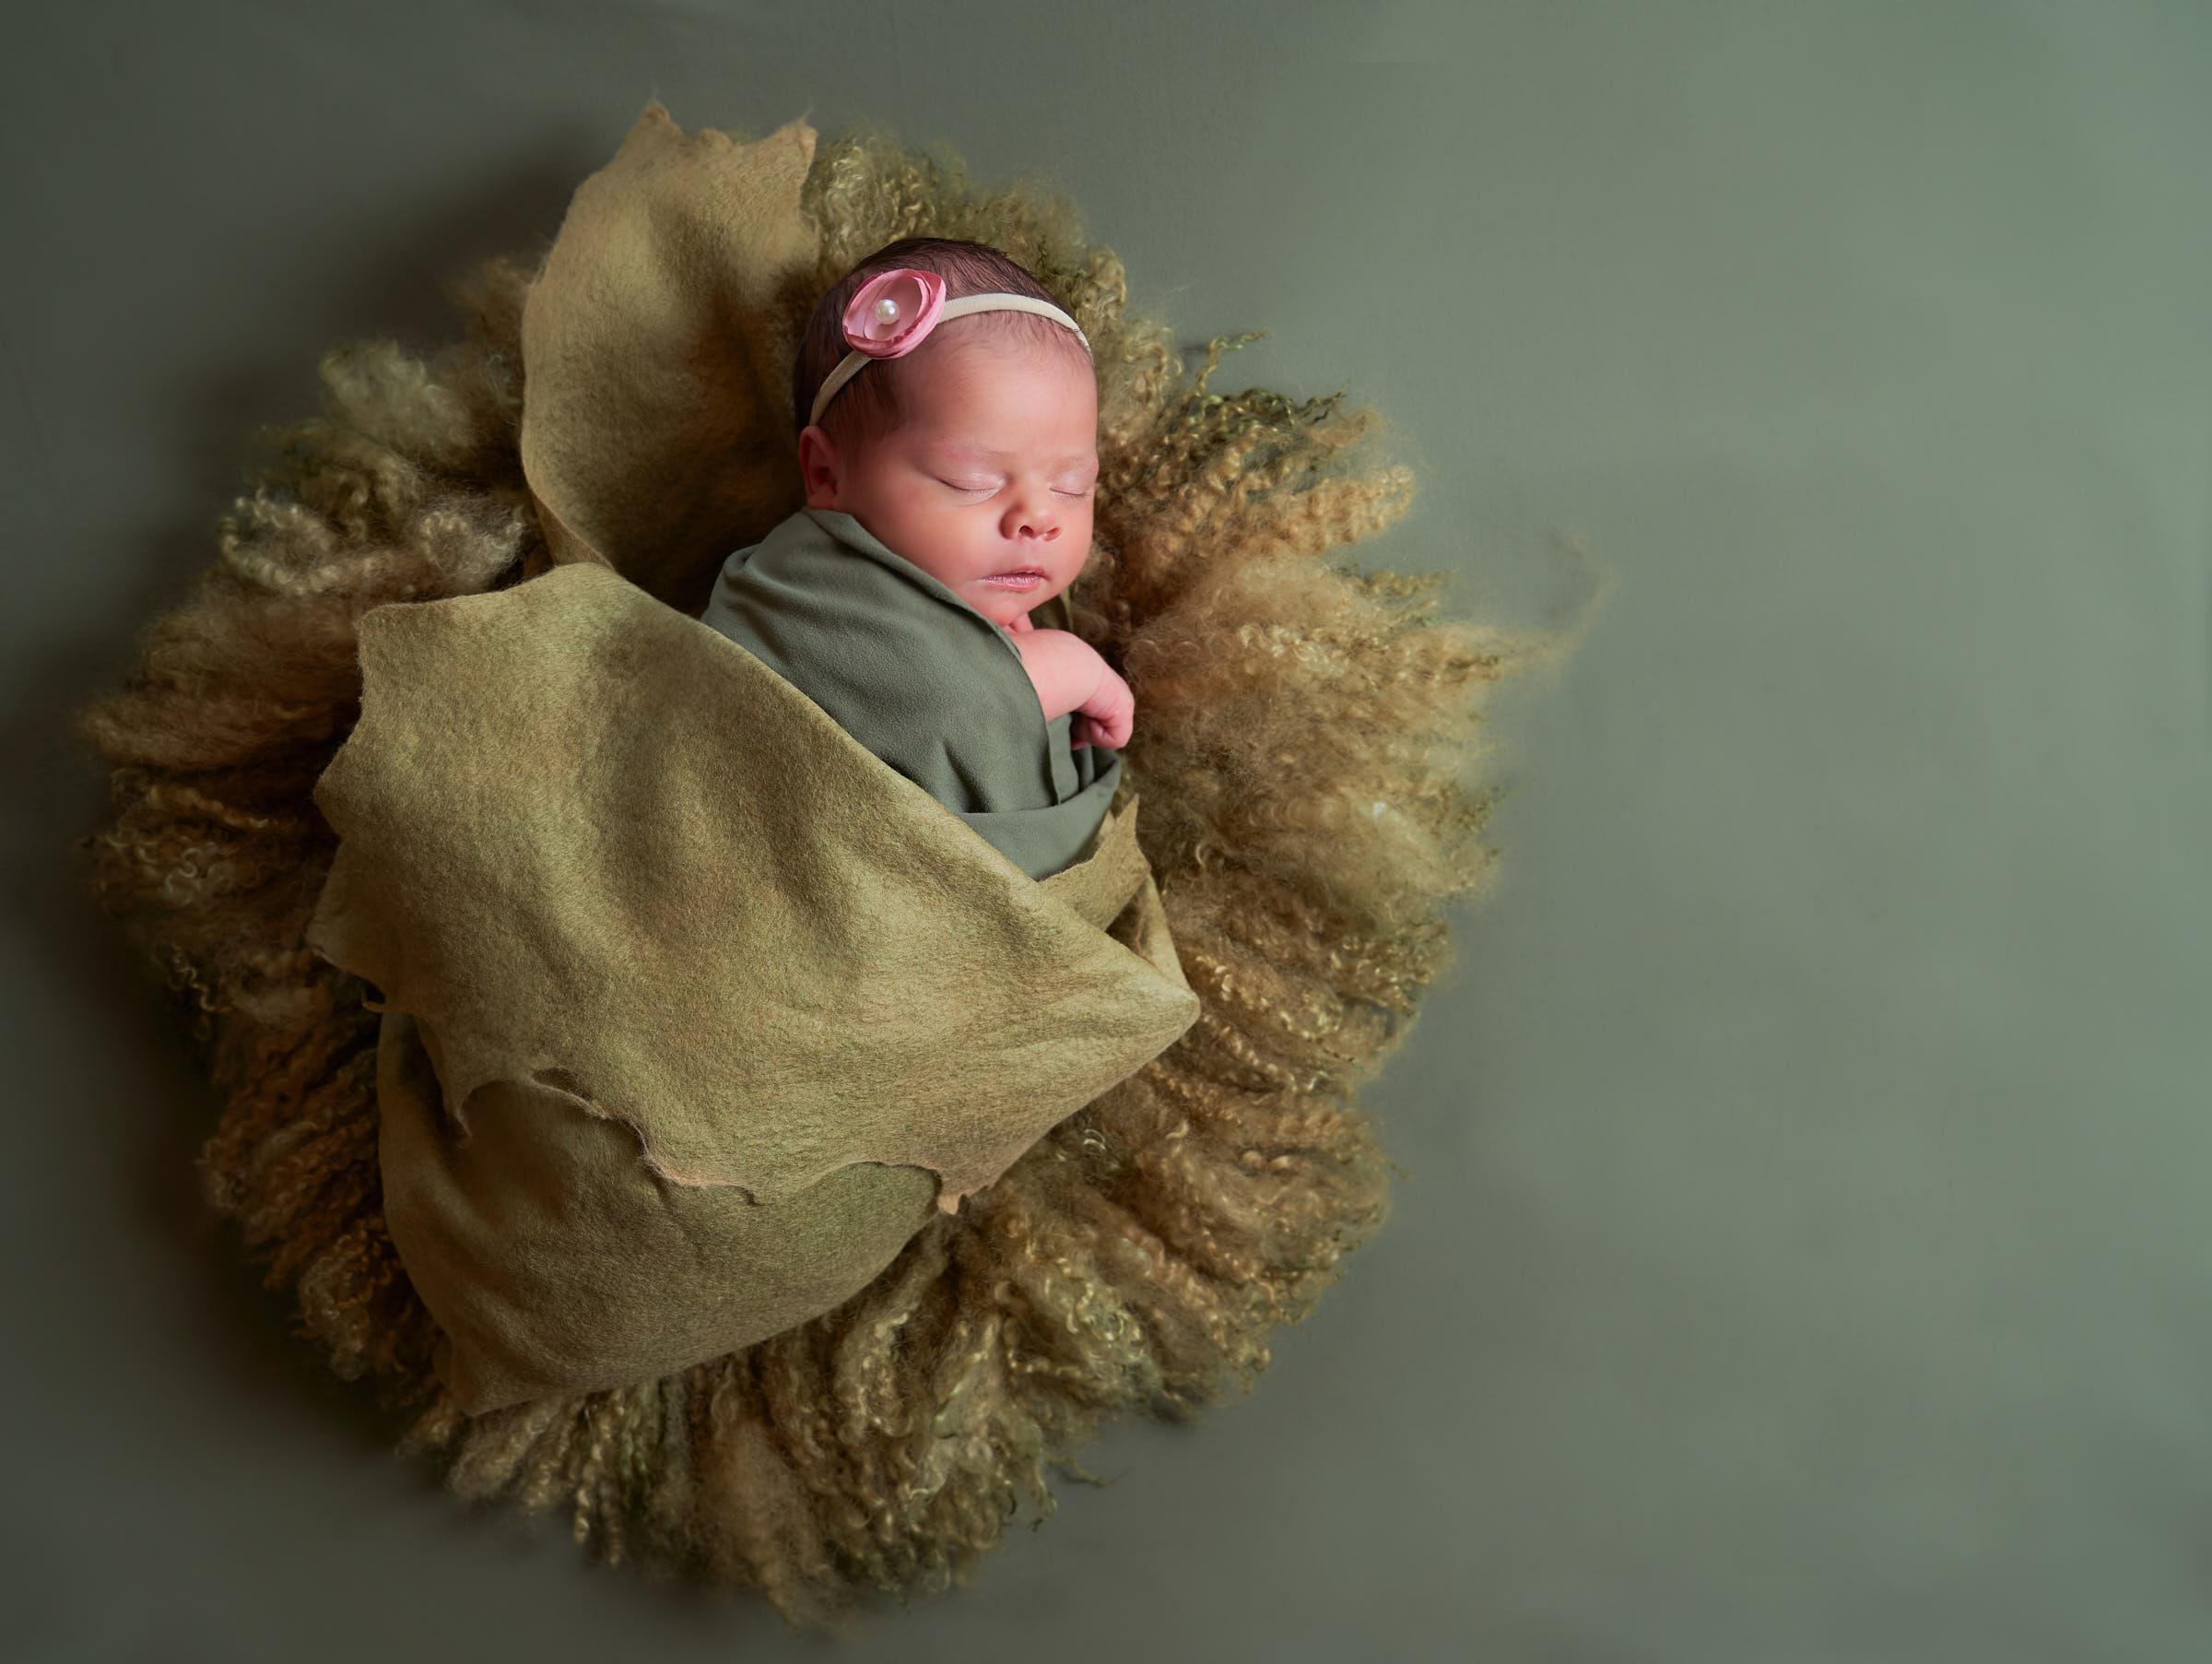 Green Wrap Set Up Newborn Baby Girl Photos